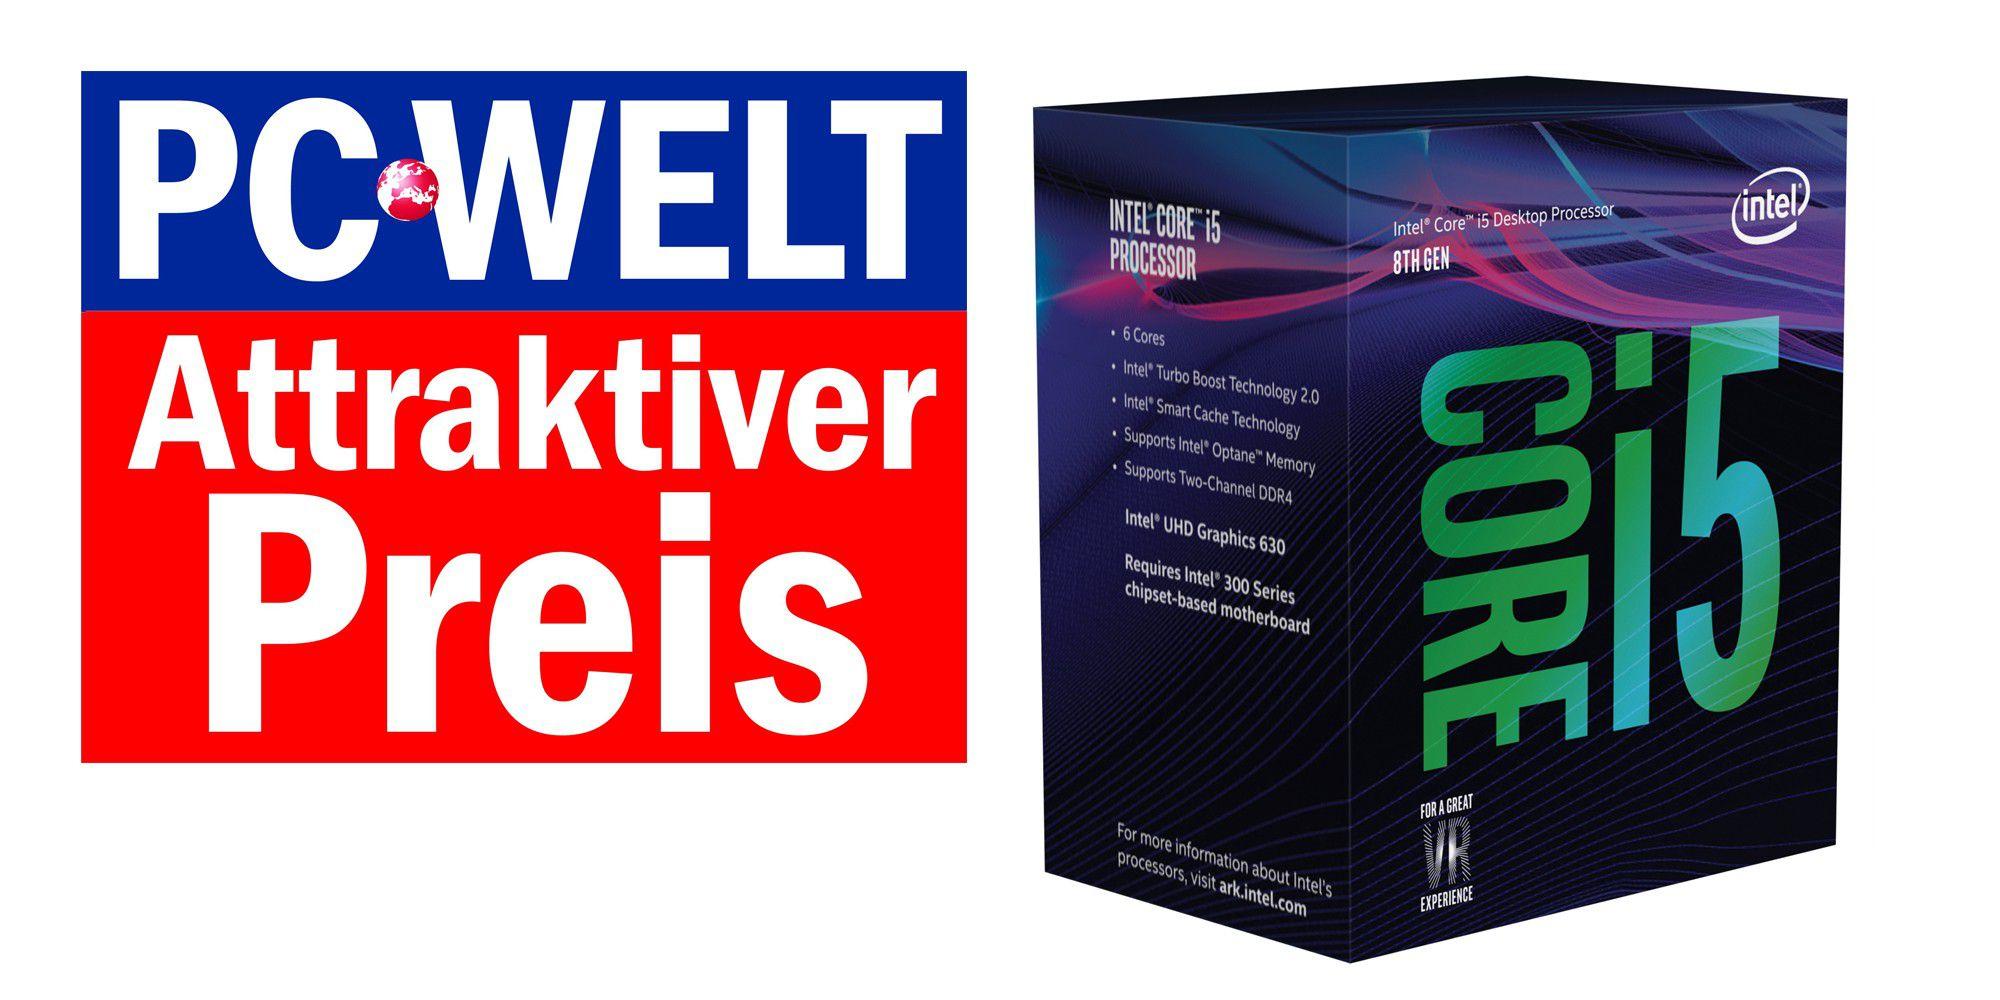 Die d-box (mit dem Beinamen Multimedia-Terminal) war ein Digitalreceiver, der ab von dem deutschen Medienkonzern Kirch-Gruppe vertrieben wurde, der in Insolvenz ging.